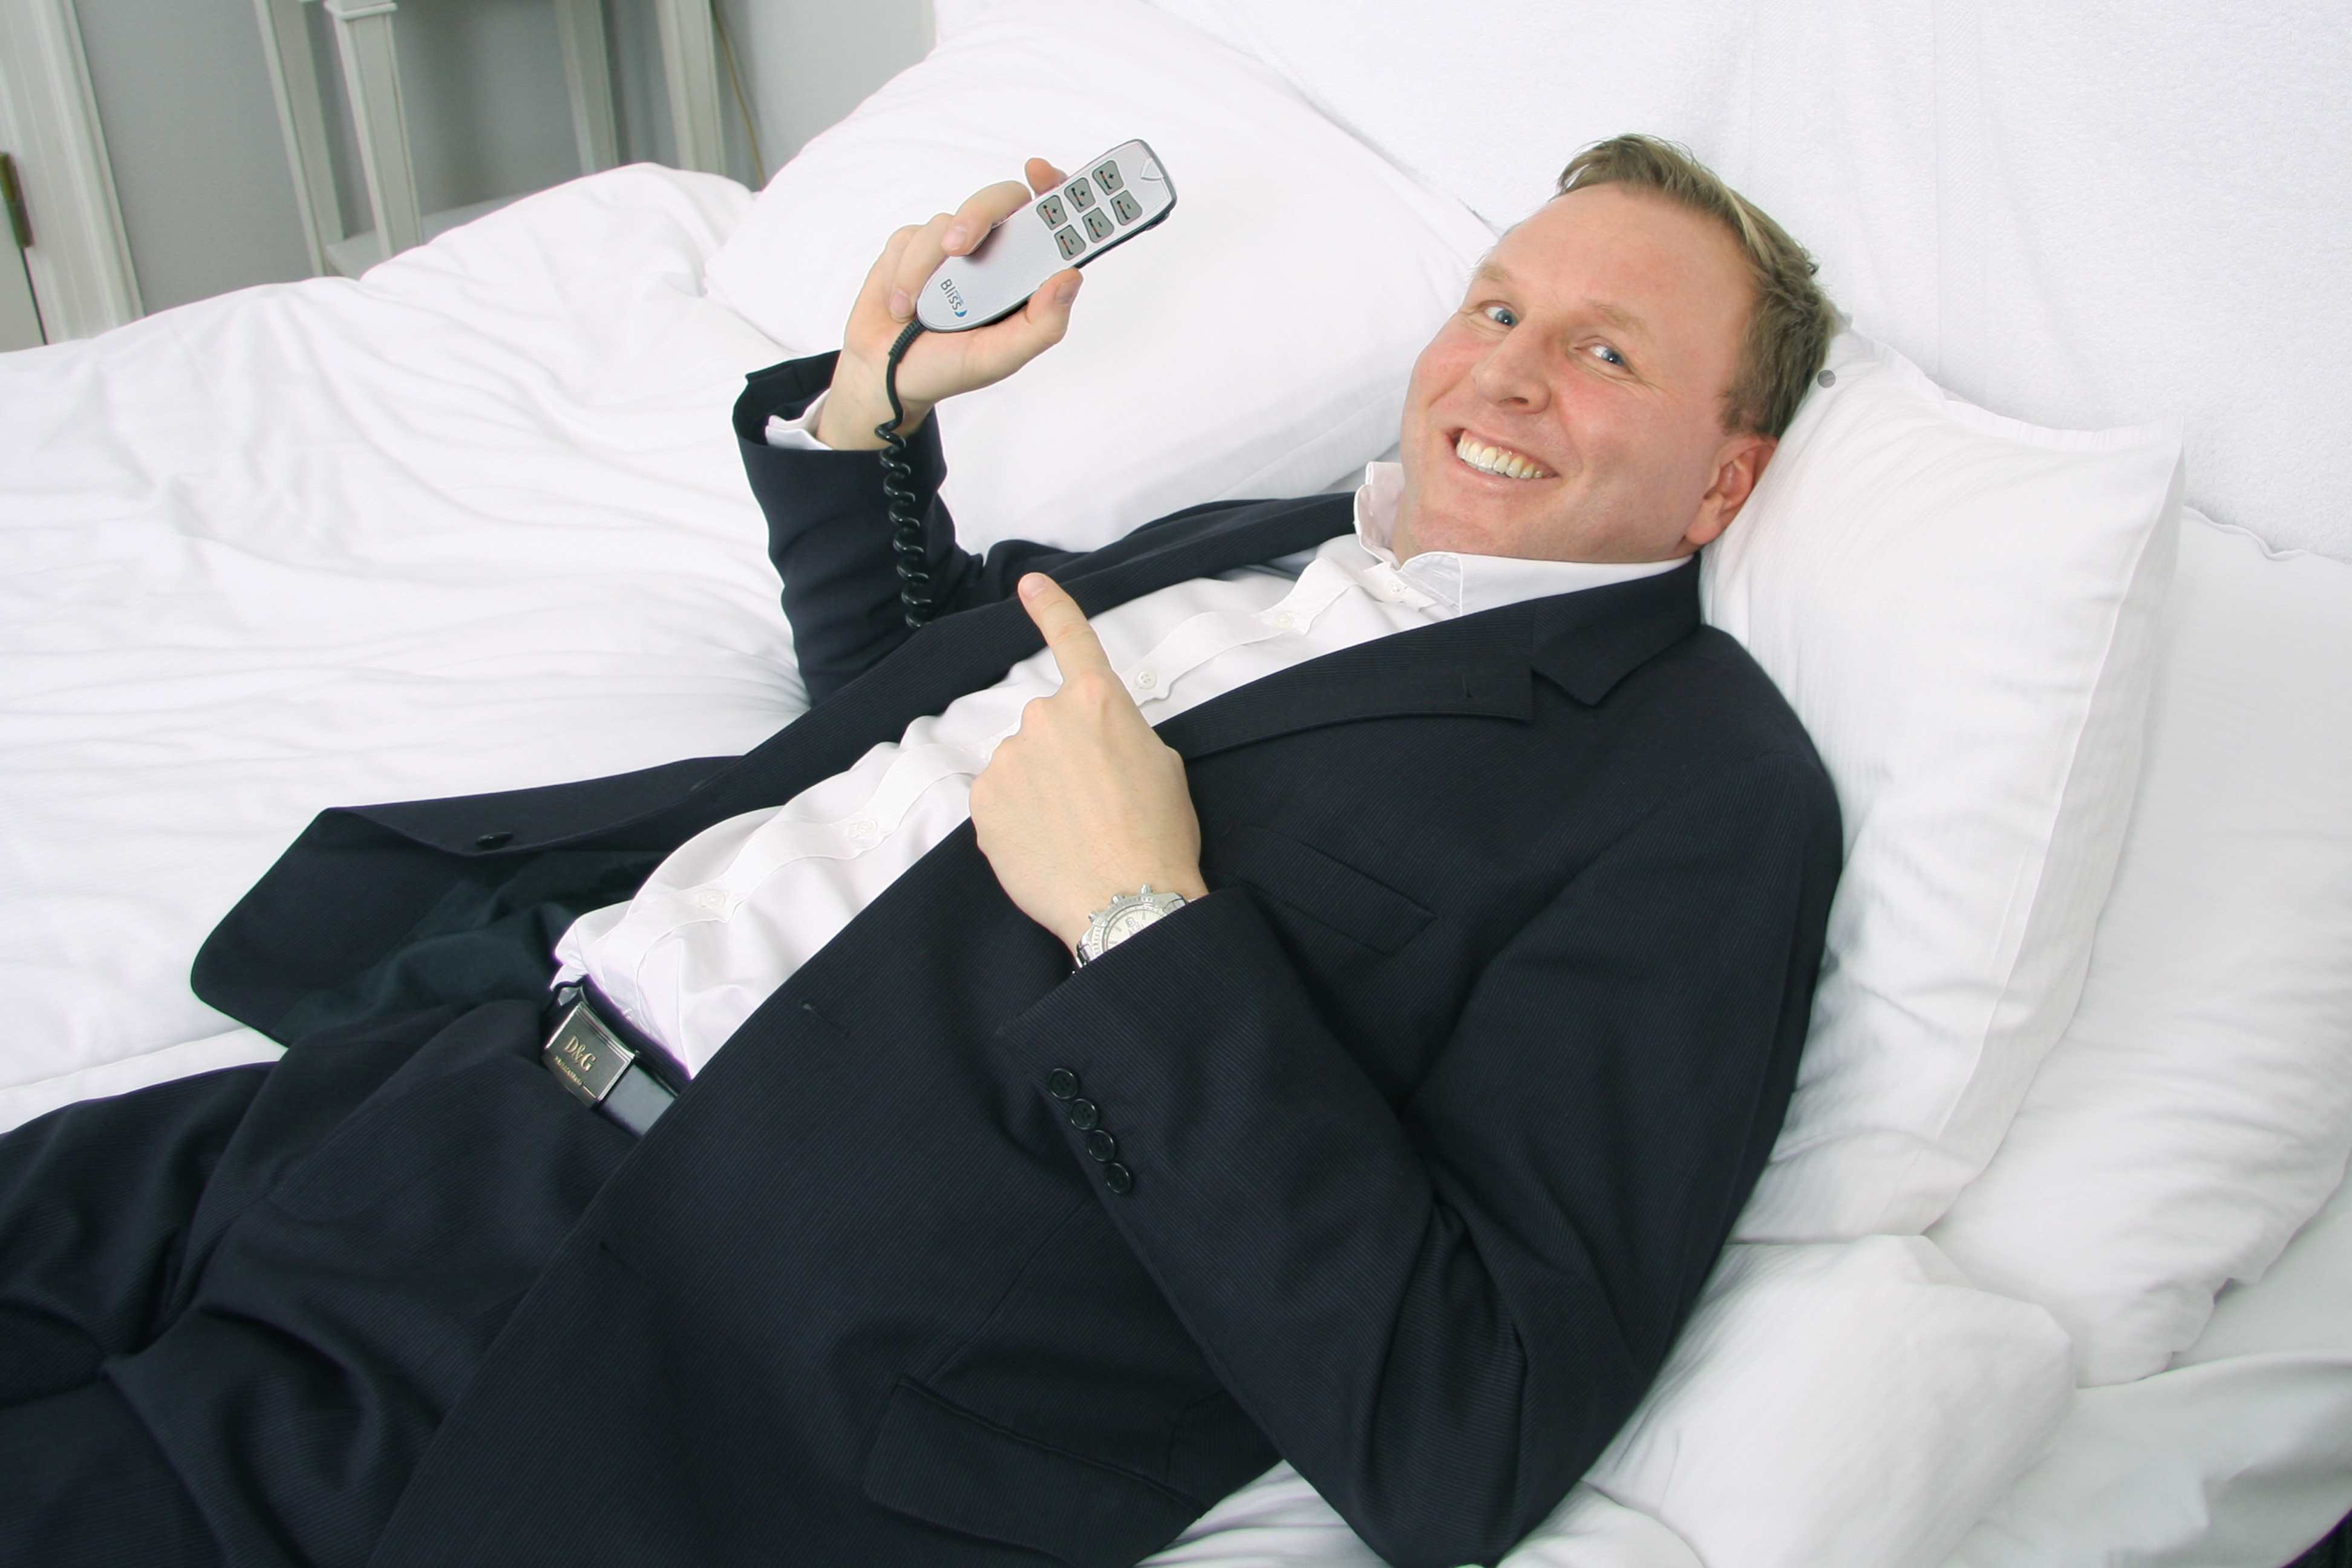 Mattias Sörensen, VD för Bliss Nordic, visar hur sängen Bliss enkelt justeras enligt hotellgästens personliga önskemål med hjälp av fjärrkontroll.